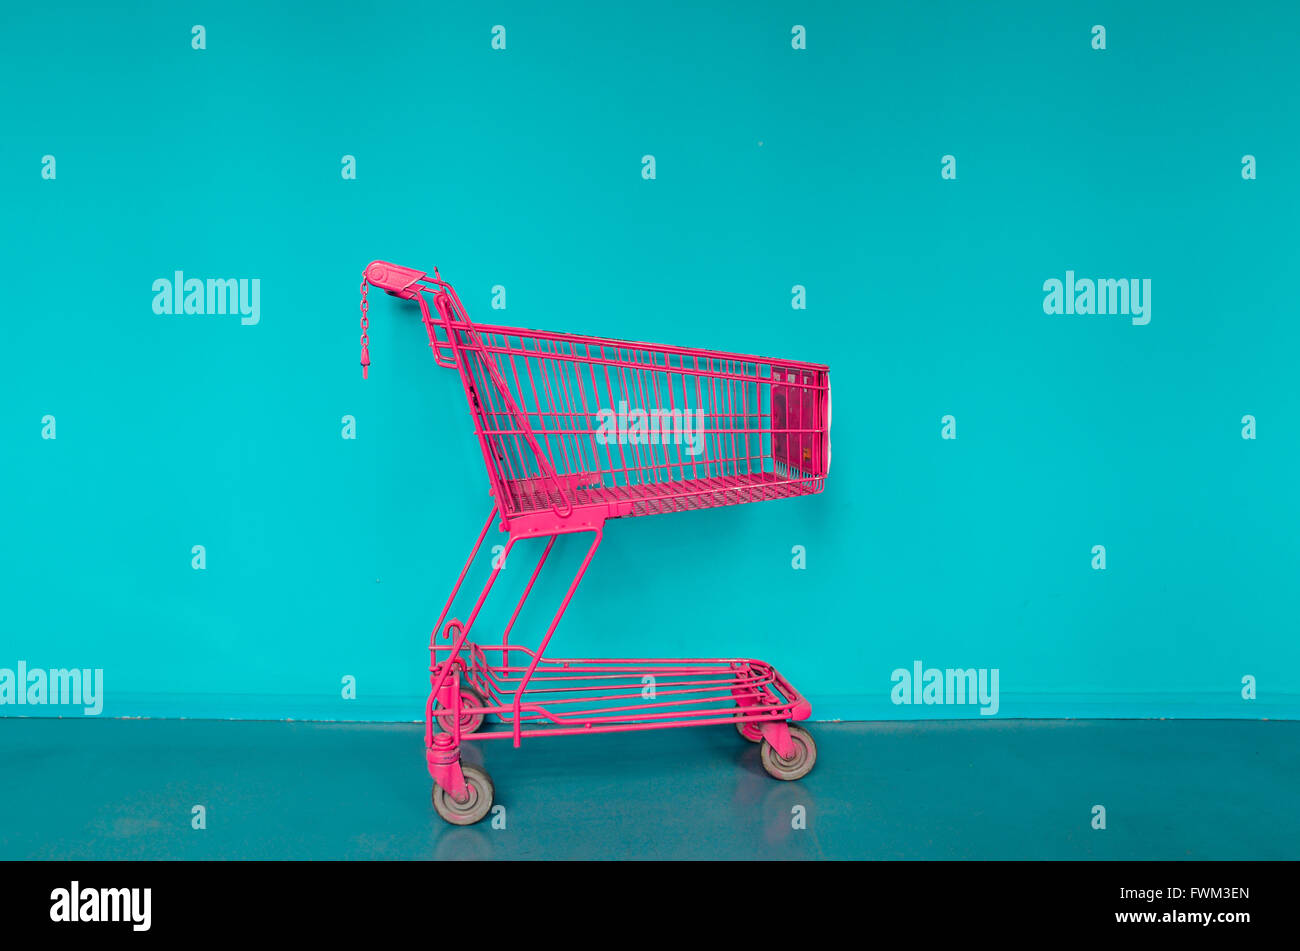 Compras Contra la pared azul Imagen De Stock